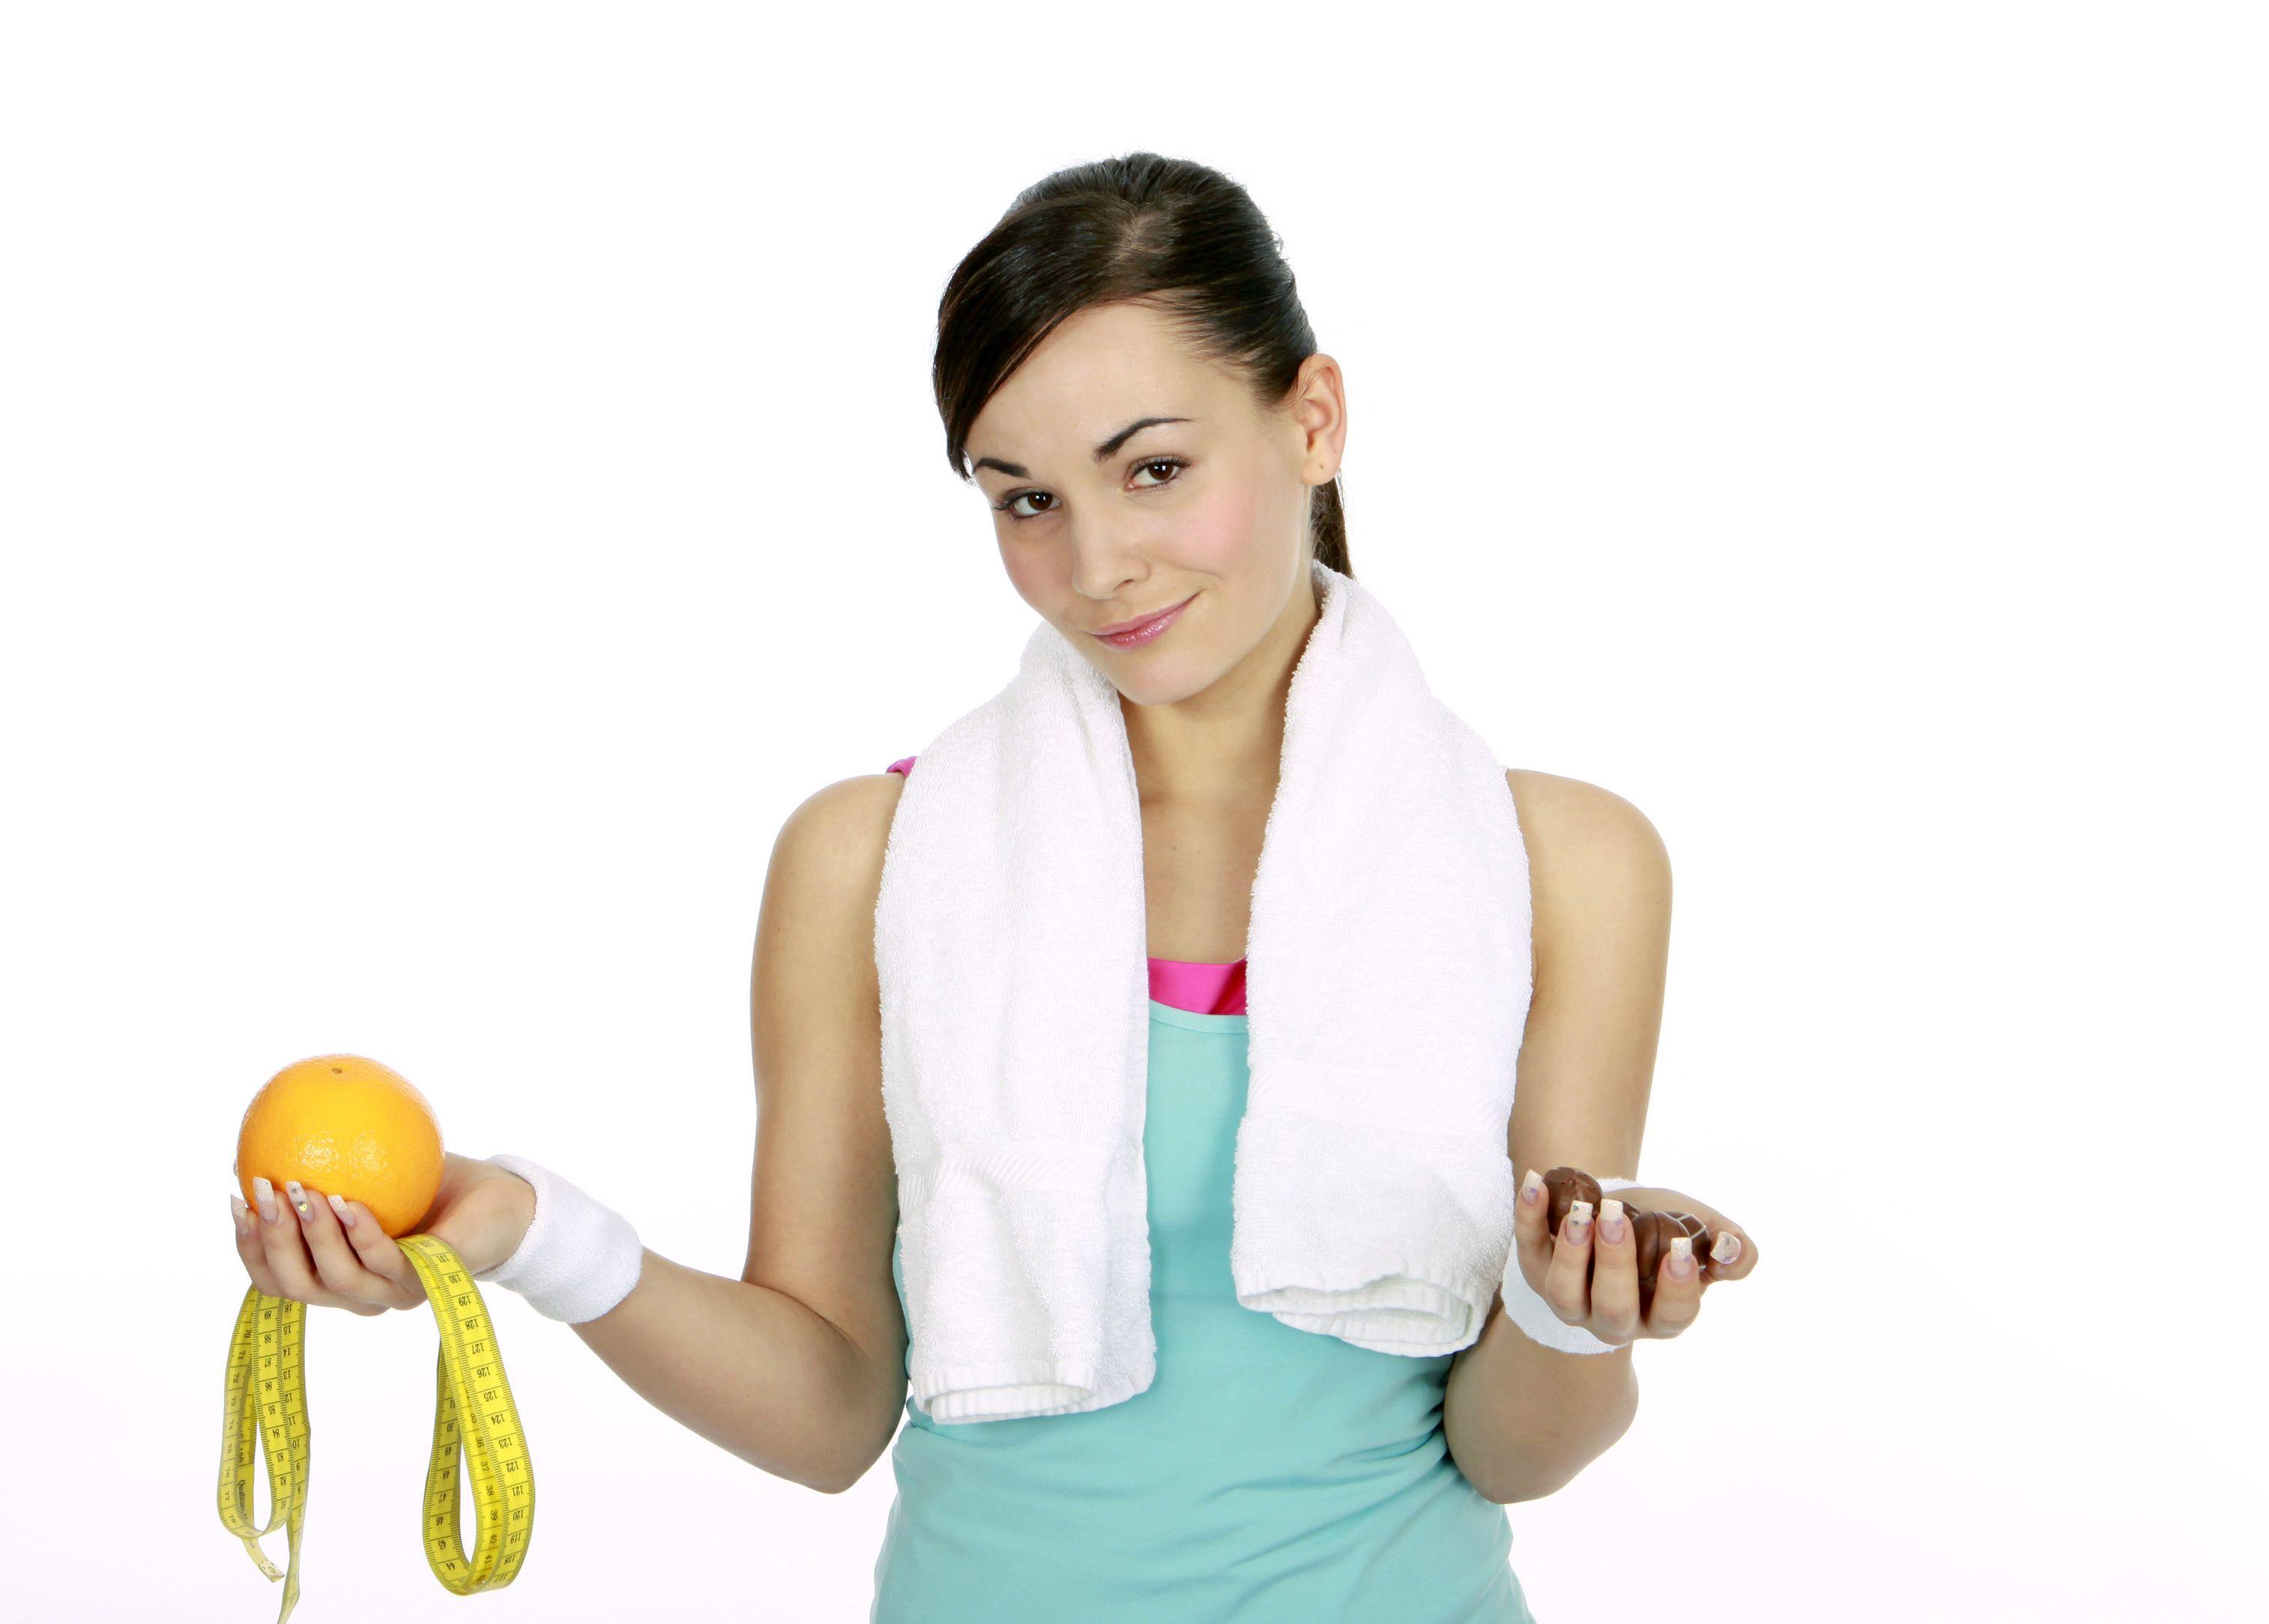 supliment de top pentru pierderea in greutate)